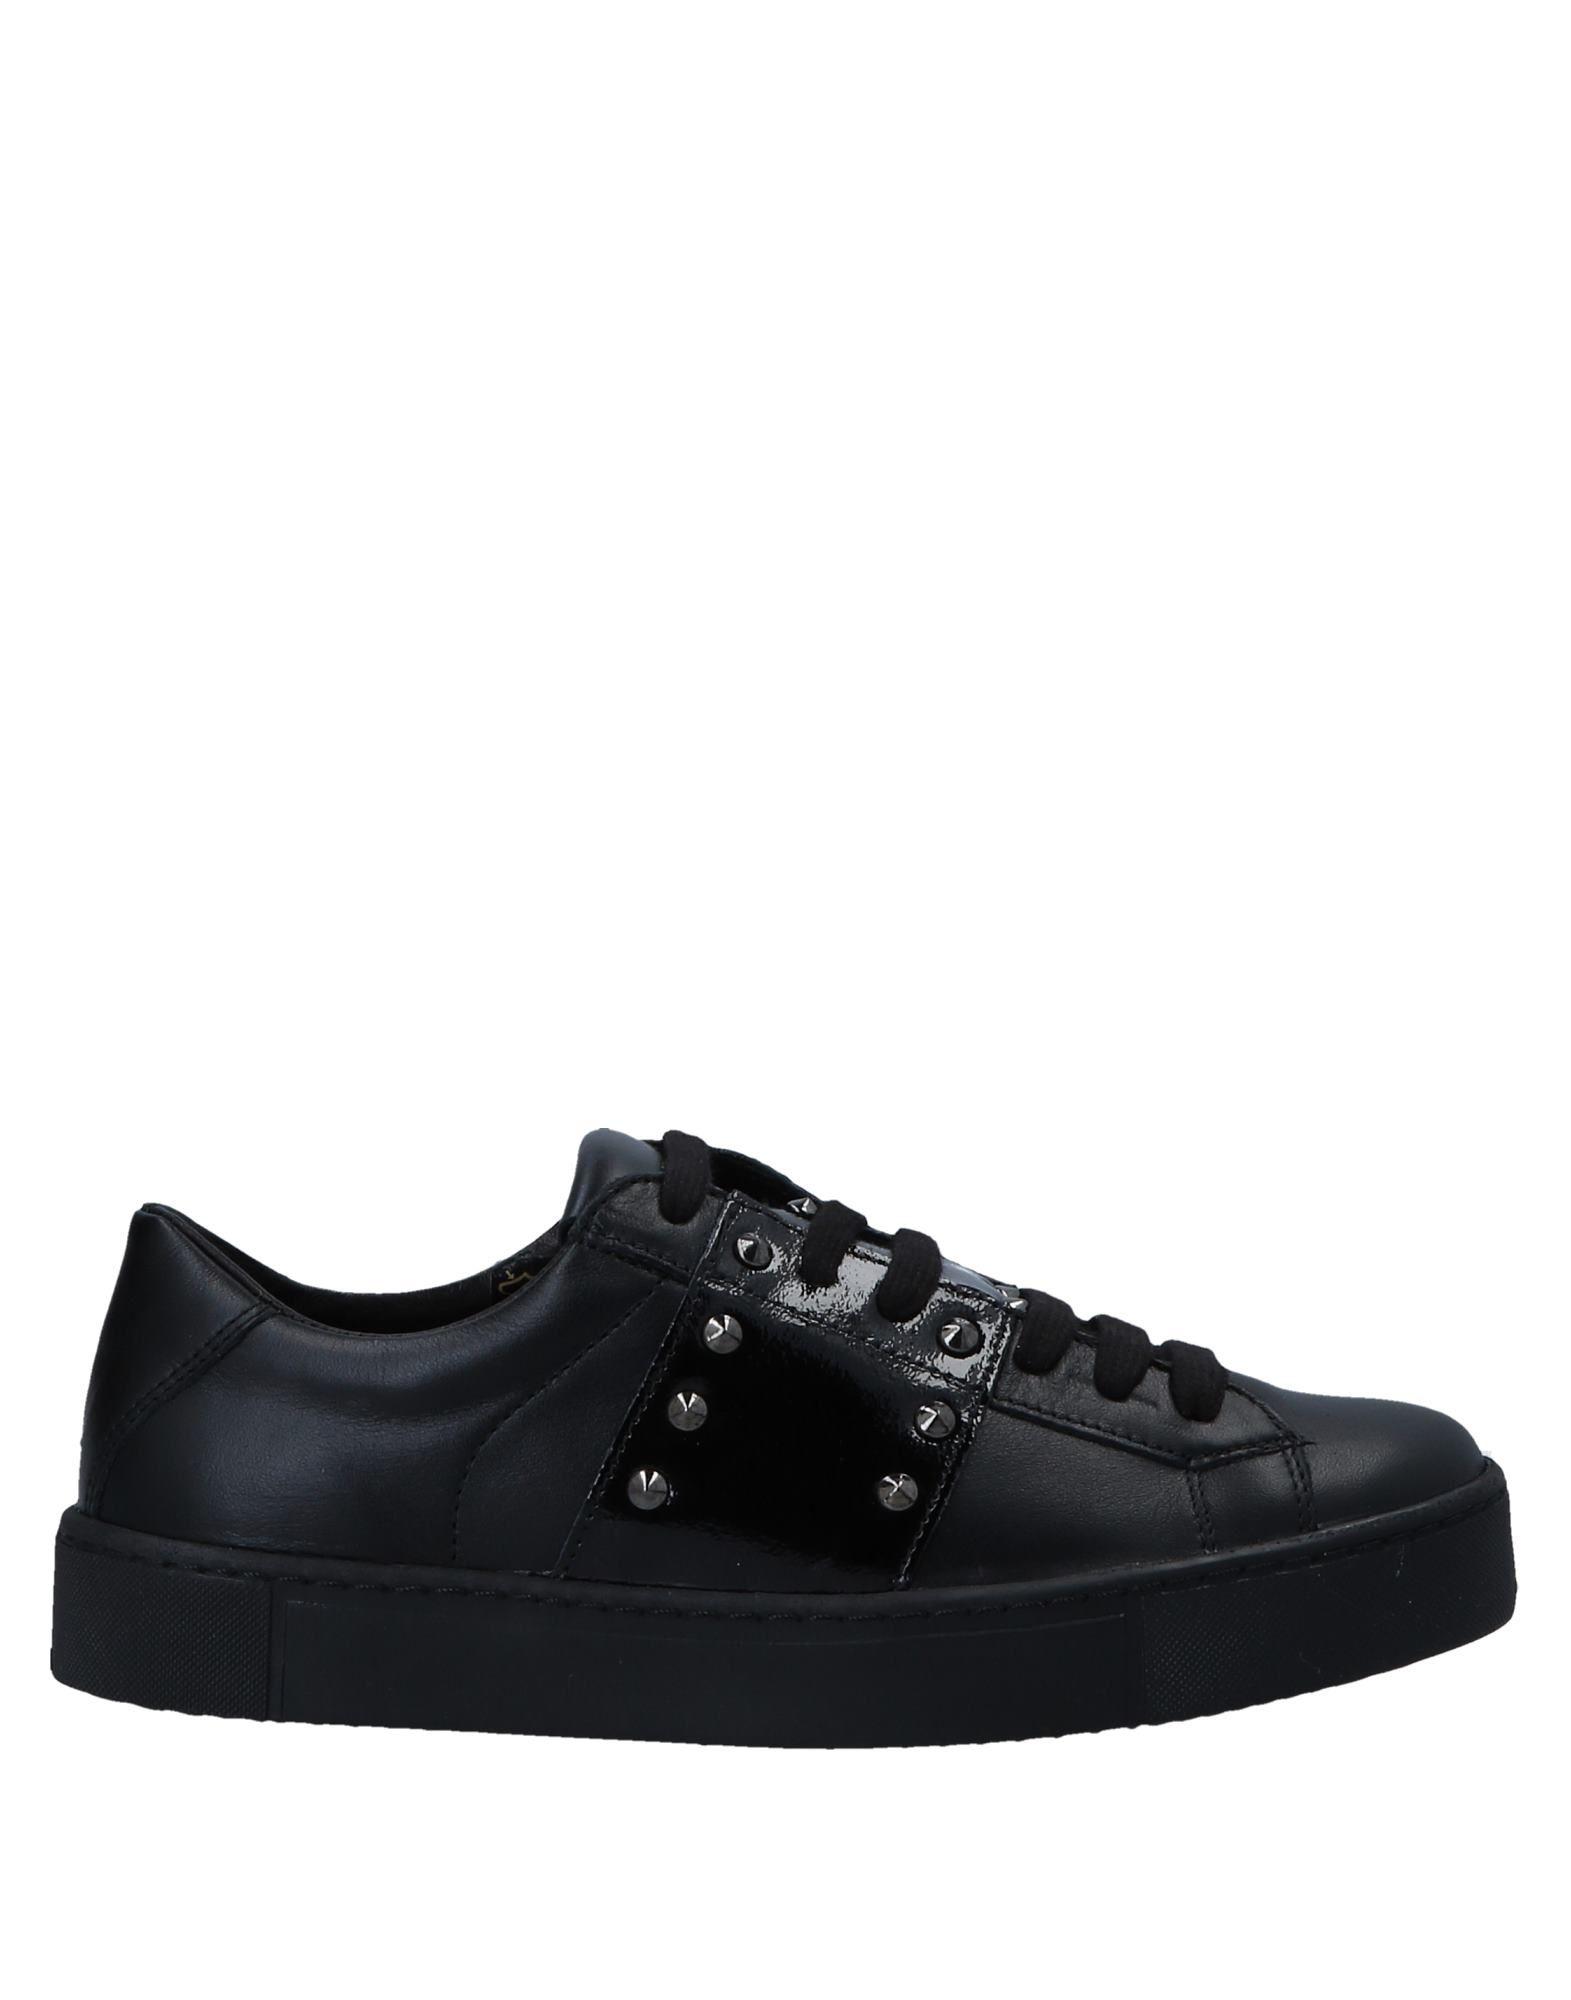 Manuela Dardozzi Dardozzi Sneakers - Women Manuela Dardozzi Dardozzi Sneakers online on  Australia - 11558290BT b0a836